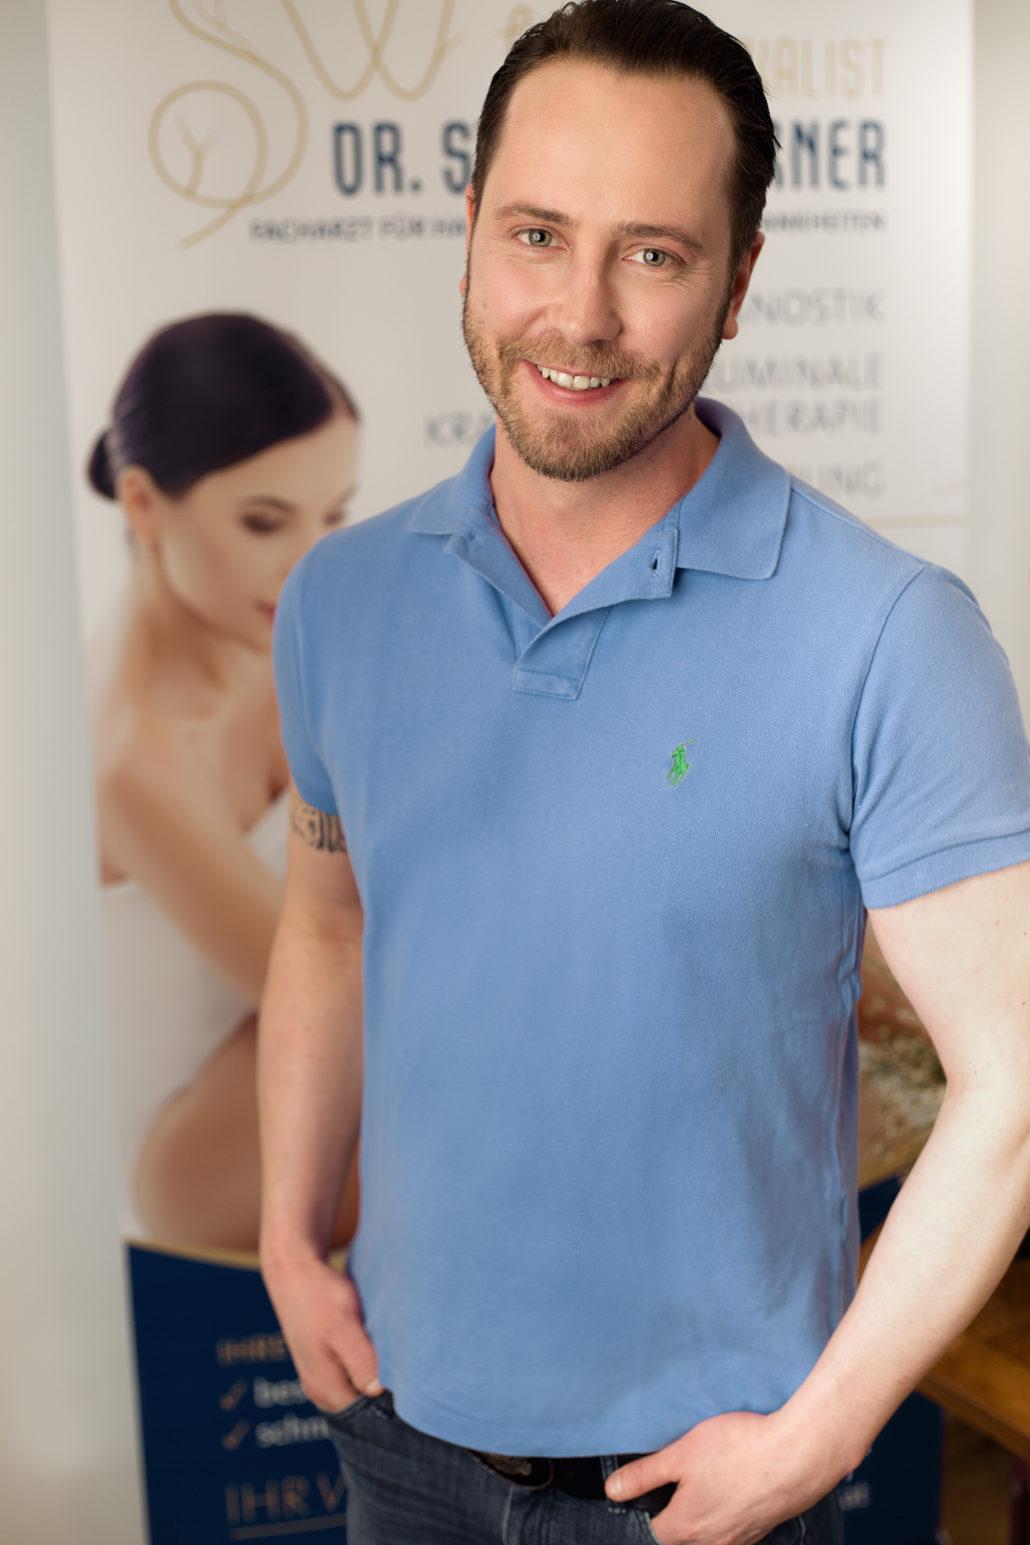 Dr Stefan Werner